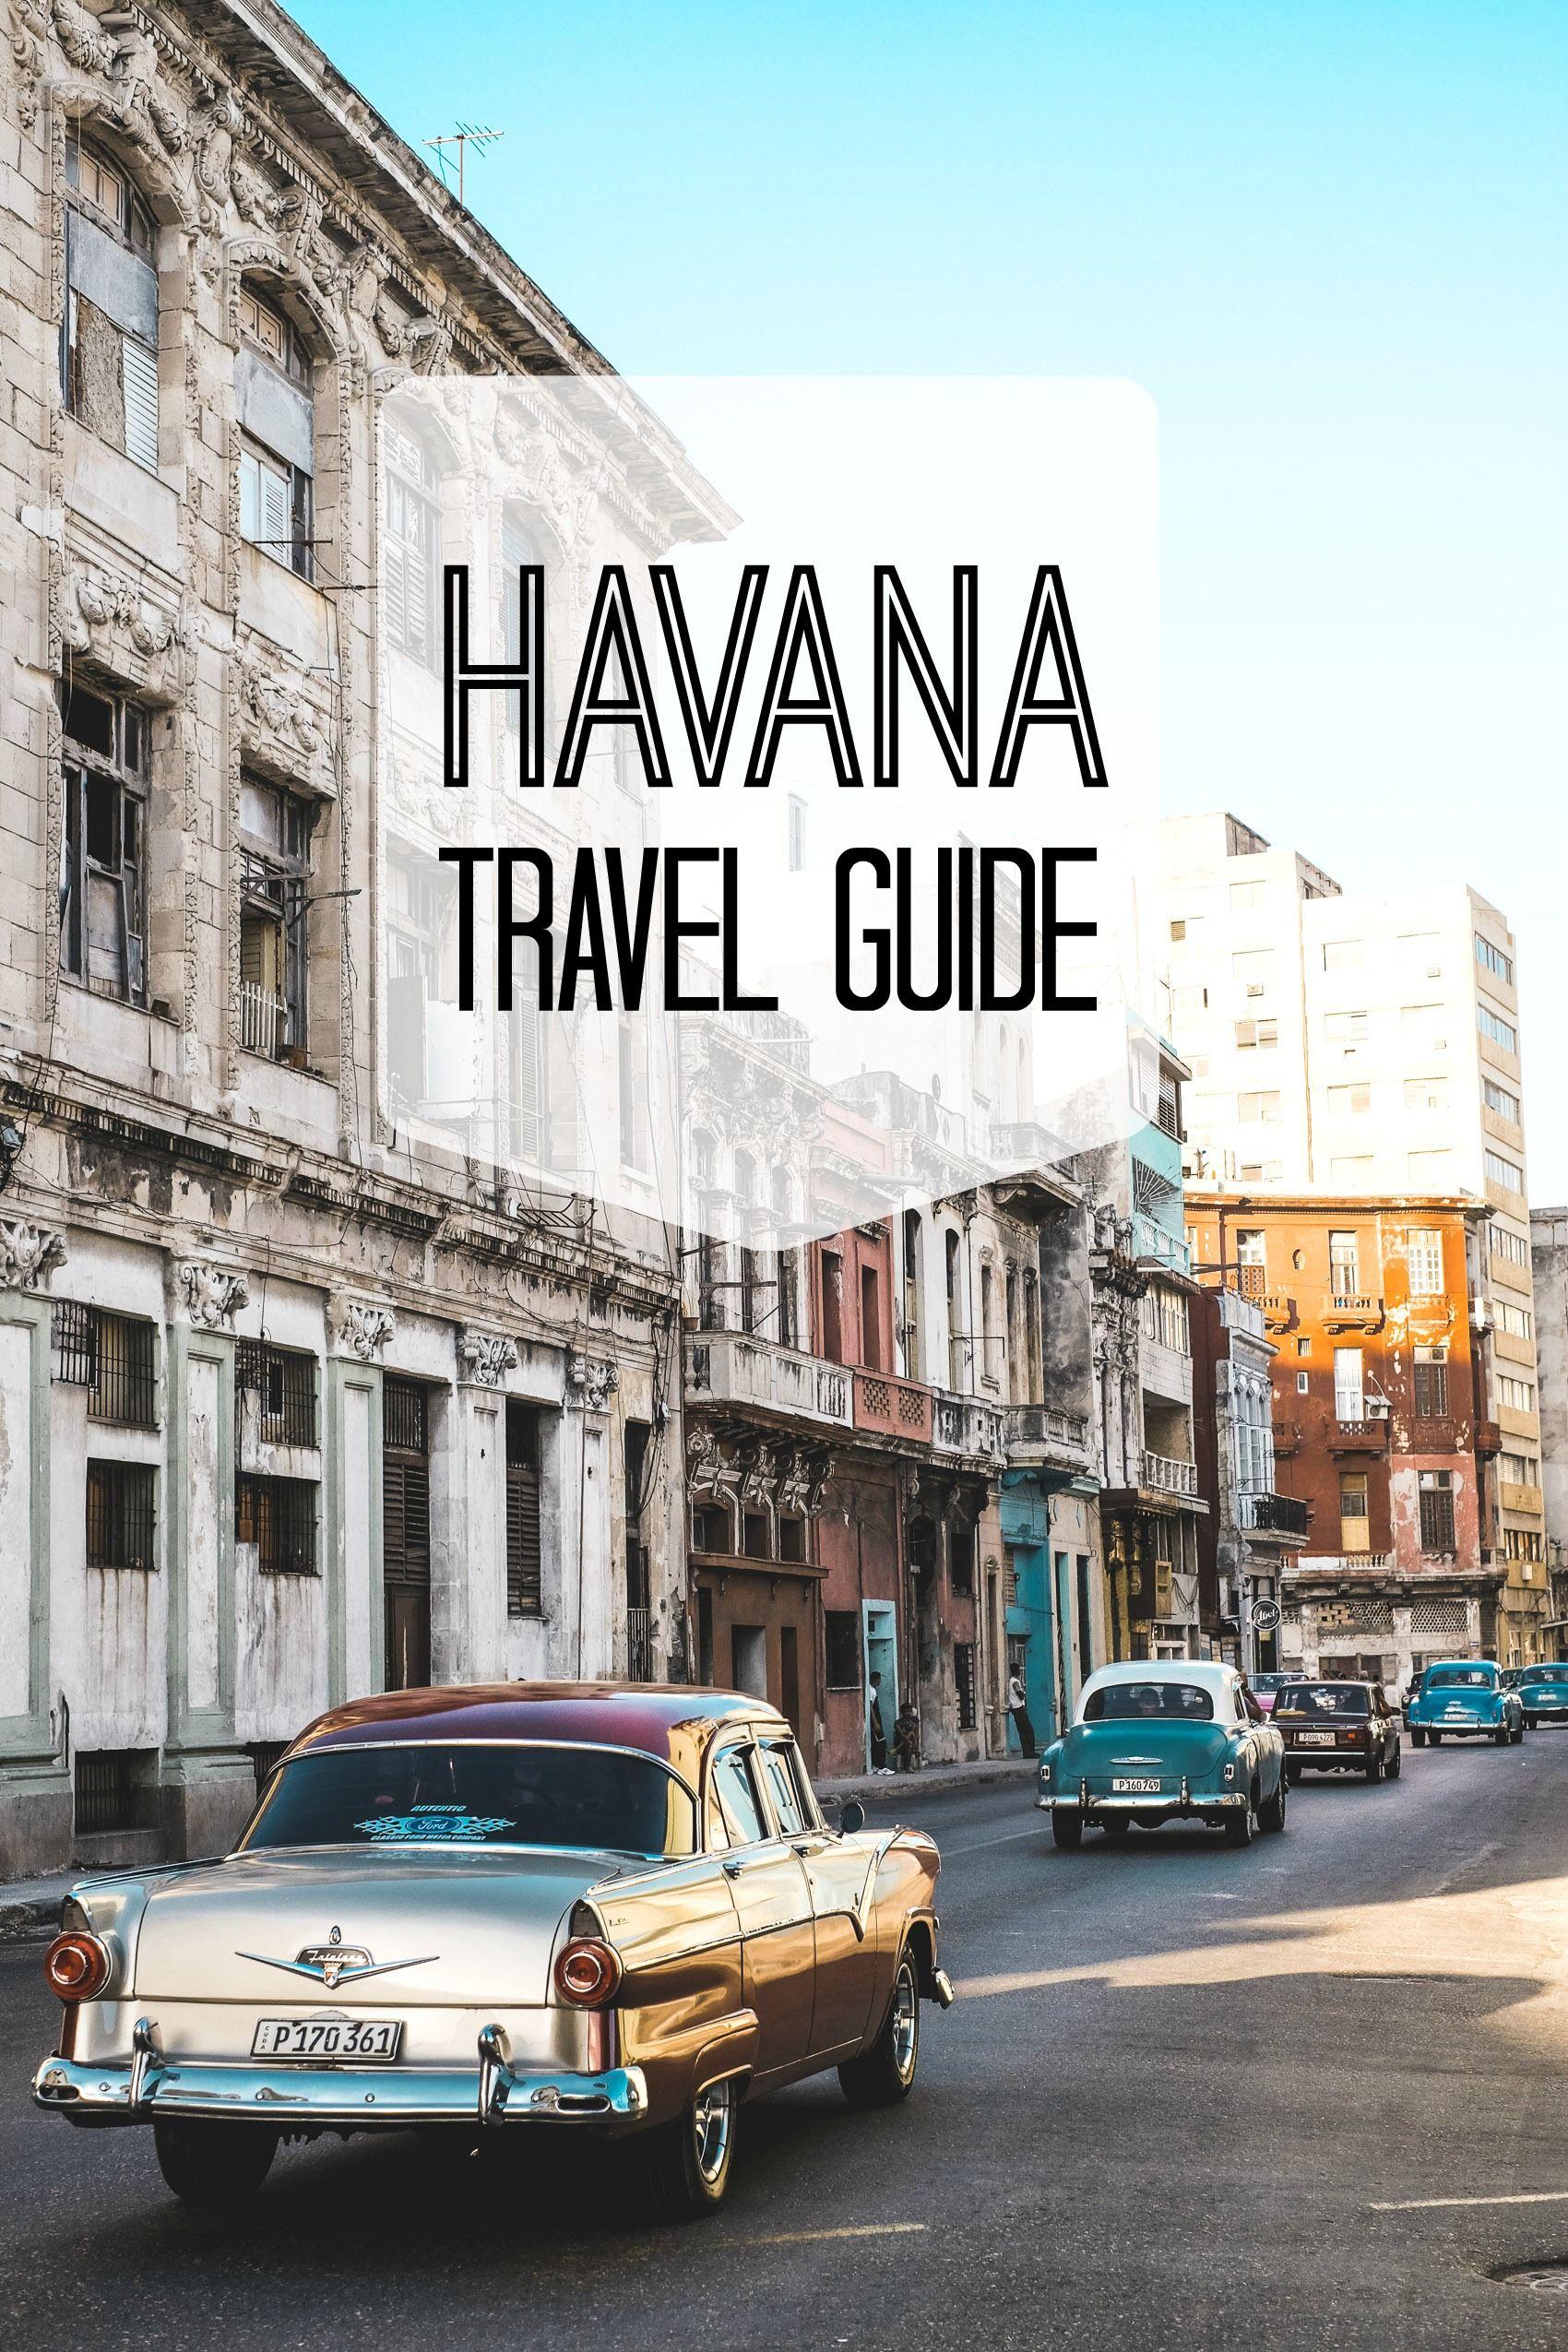 Havana Travel Guide Accommodation Transport And More Heylilahey Reiseideen Urlaubswunsche Reisen